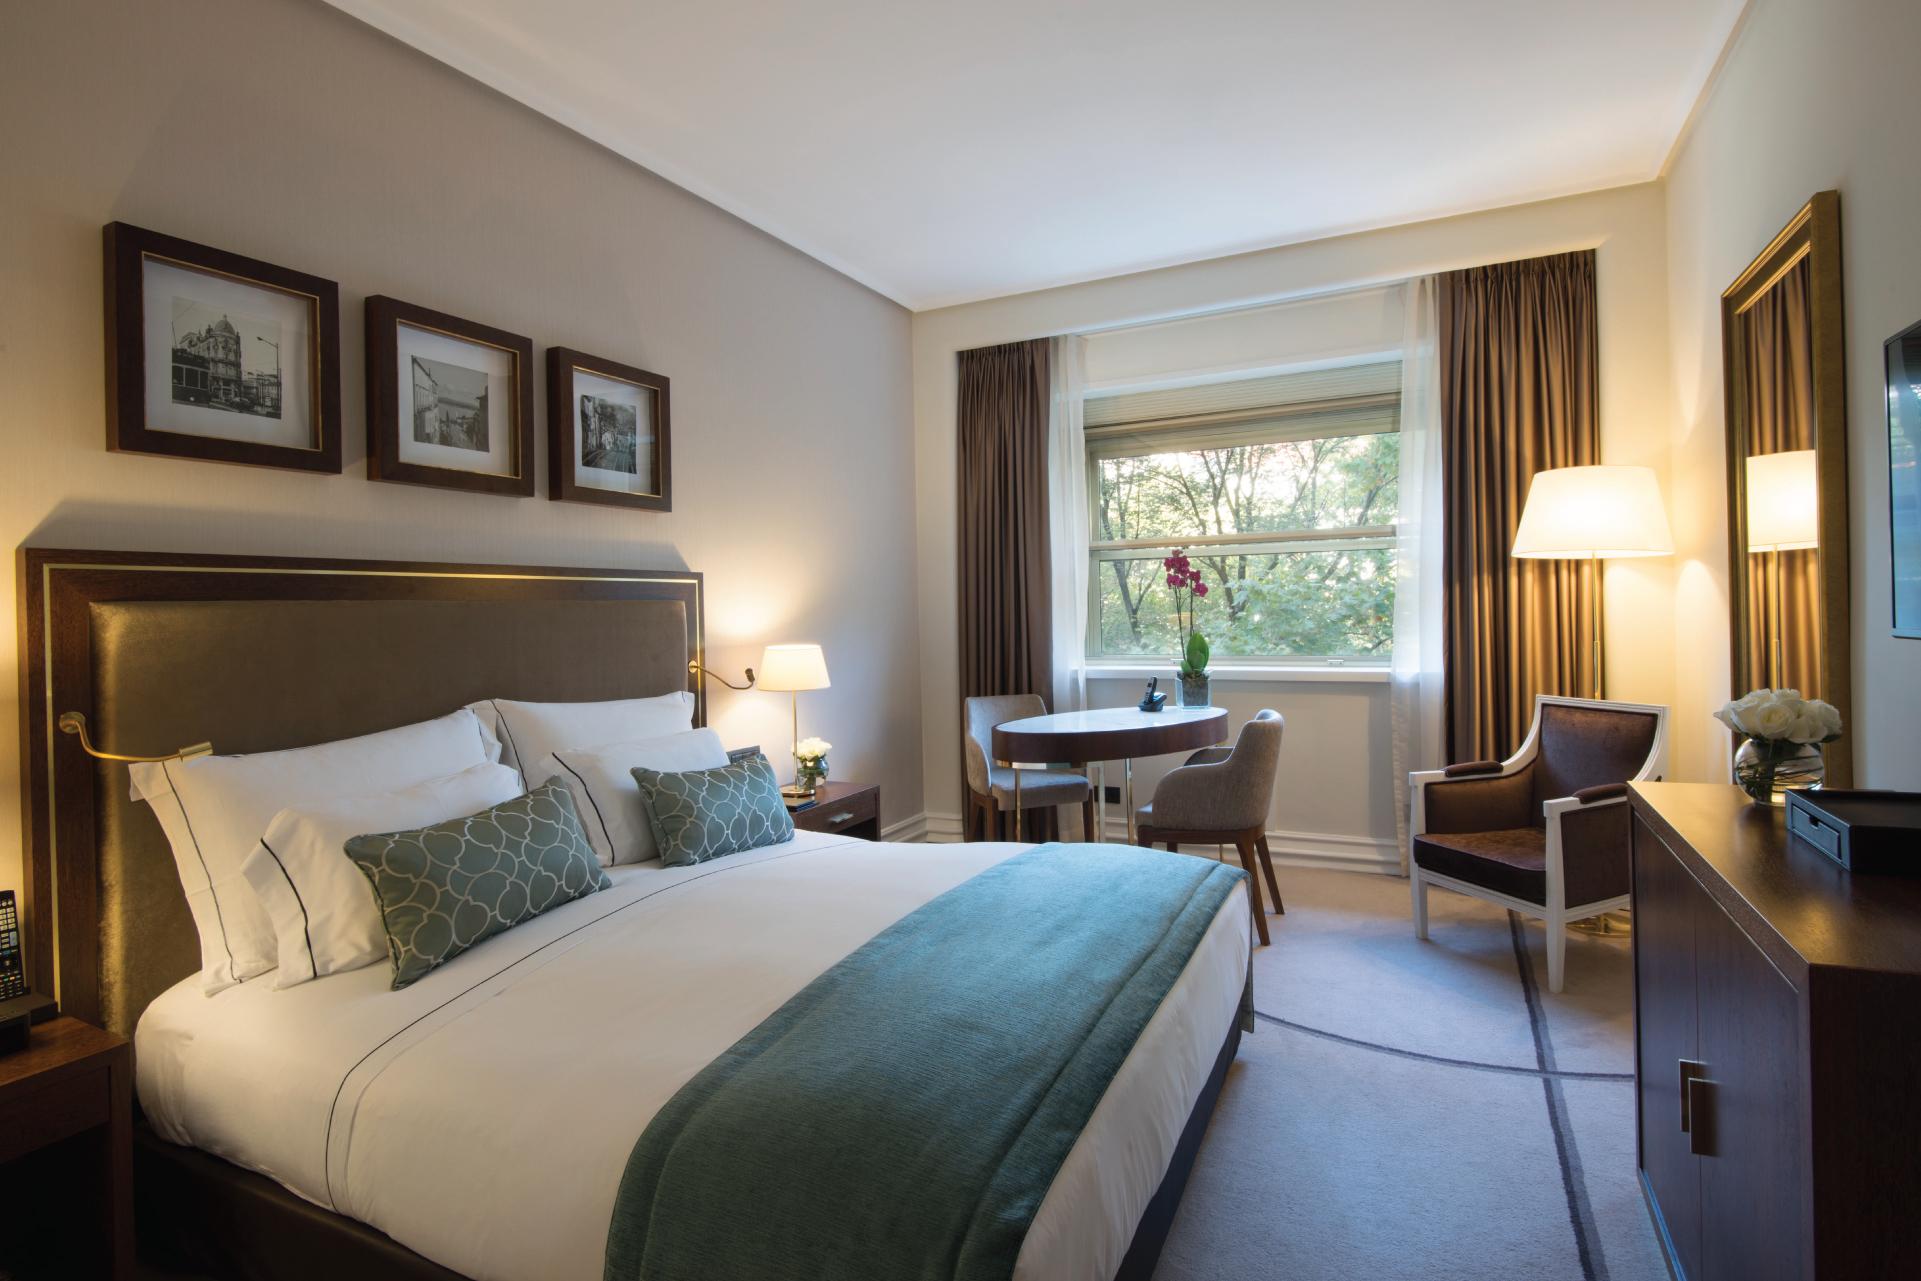 Les 20 Meilleurs Hotels De Lisbonne Palaces 5 Etoiles 4 Etoiles Etc